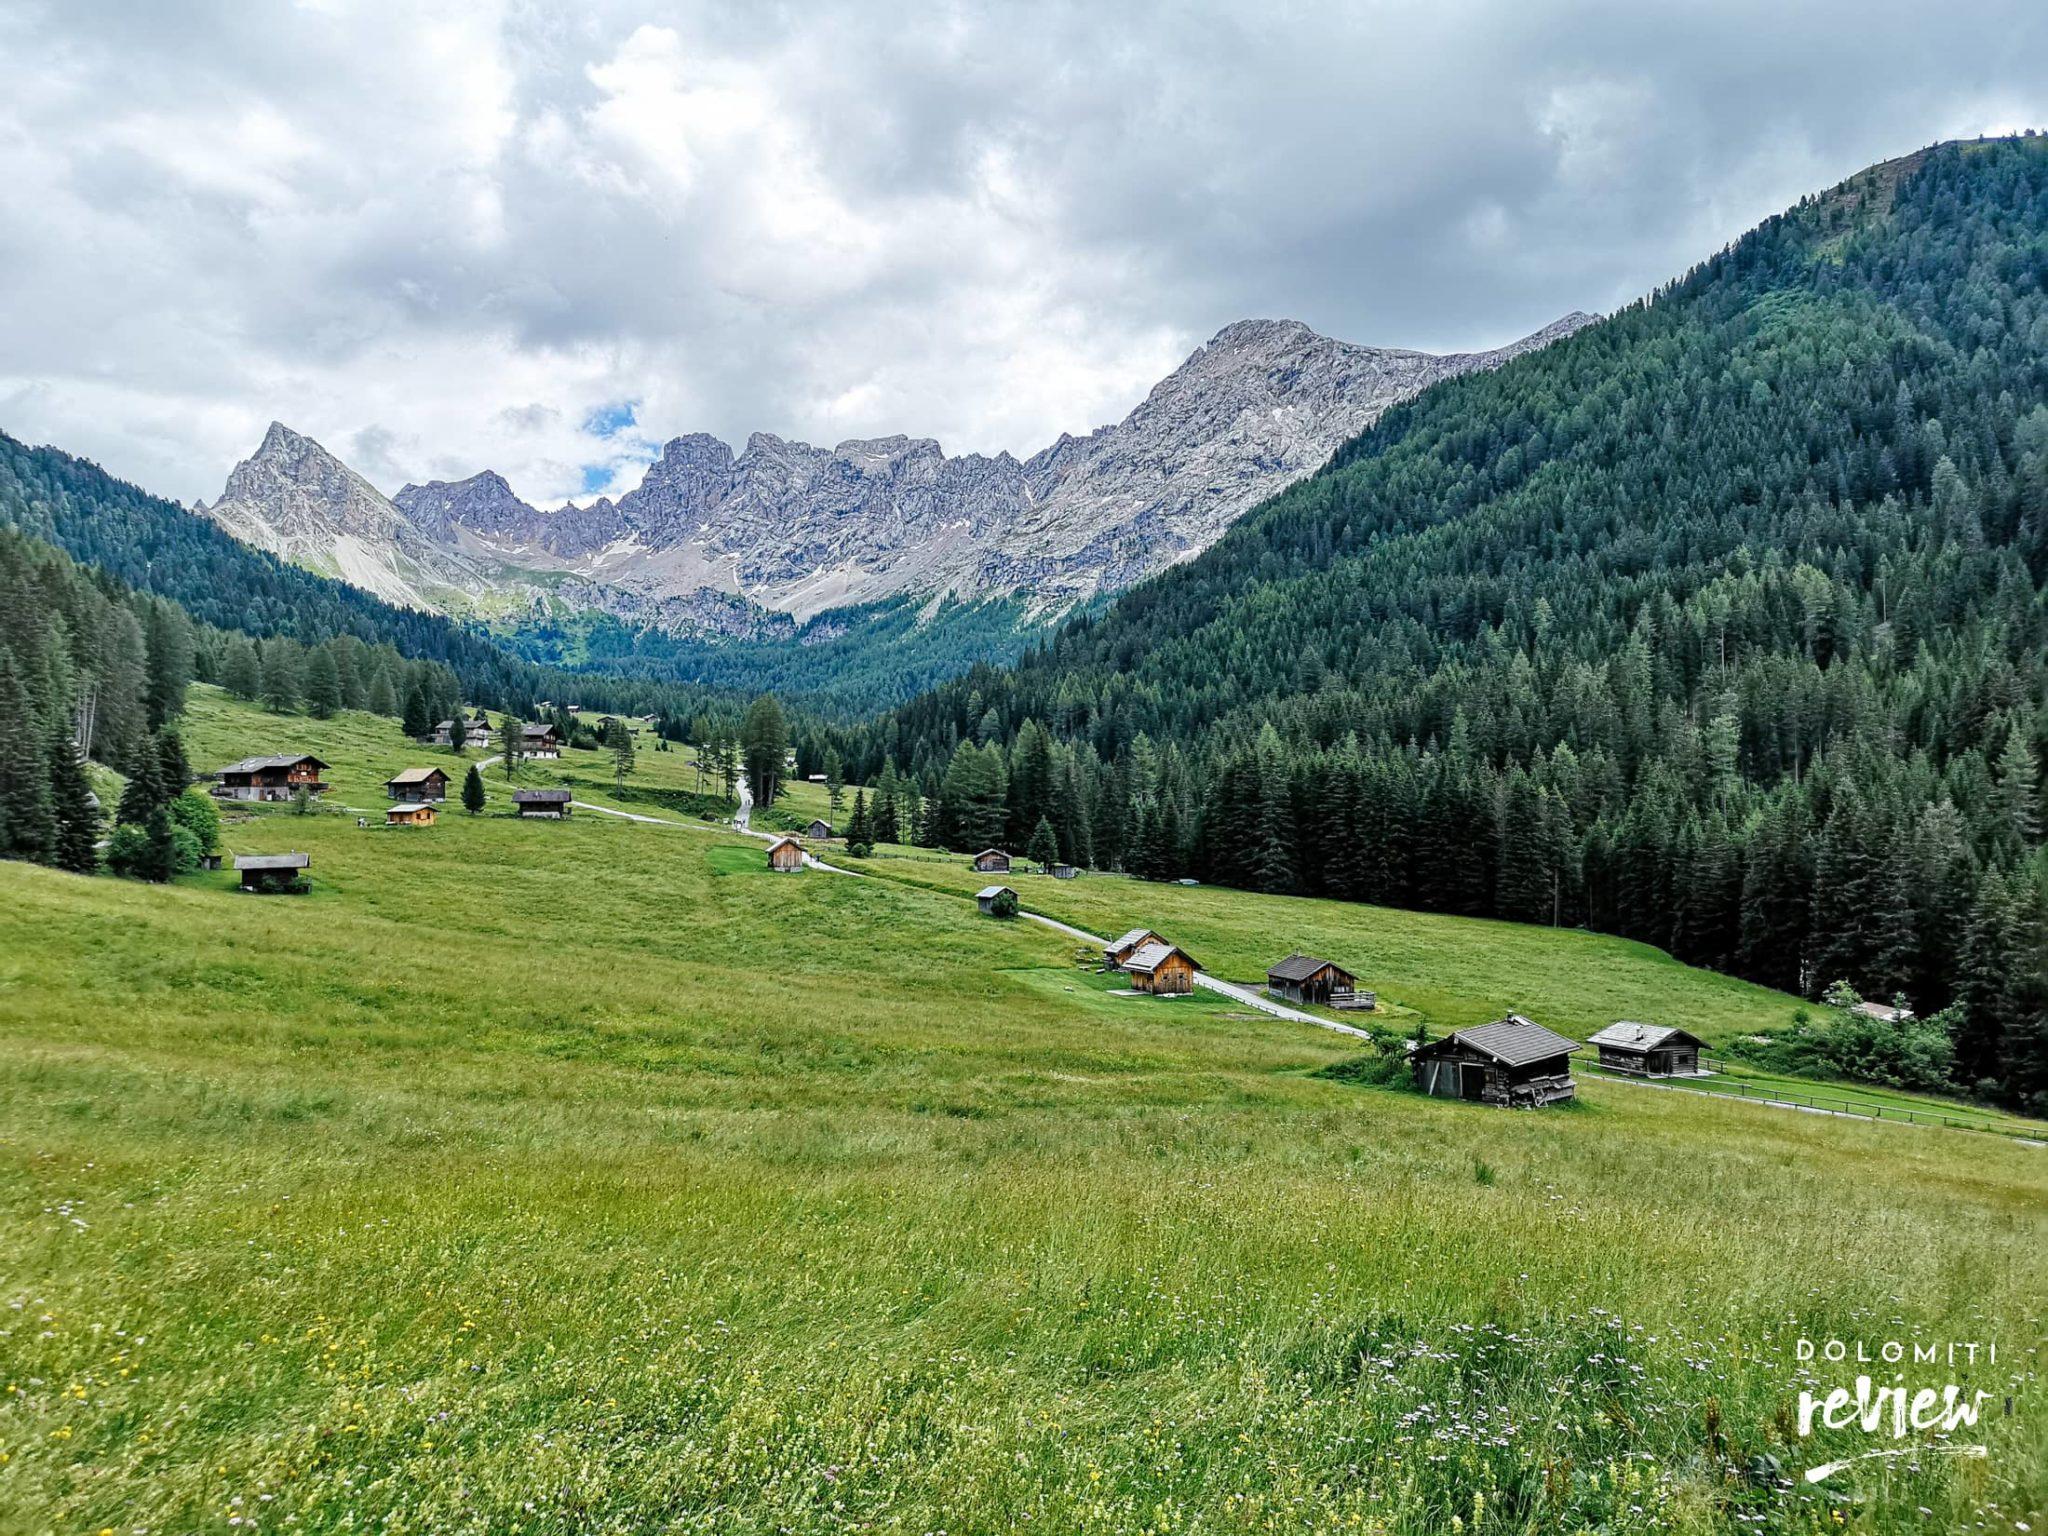 Val San Nicolò (Val di Fassa)